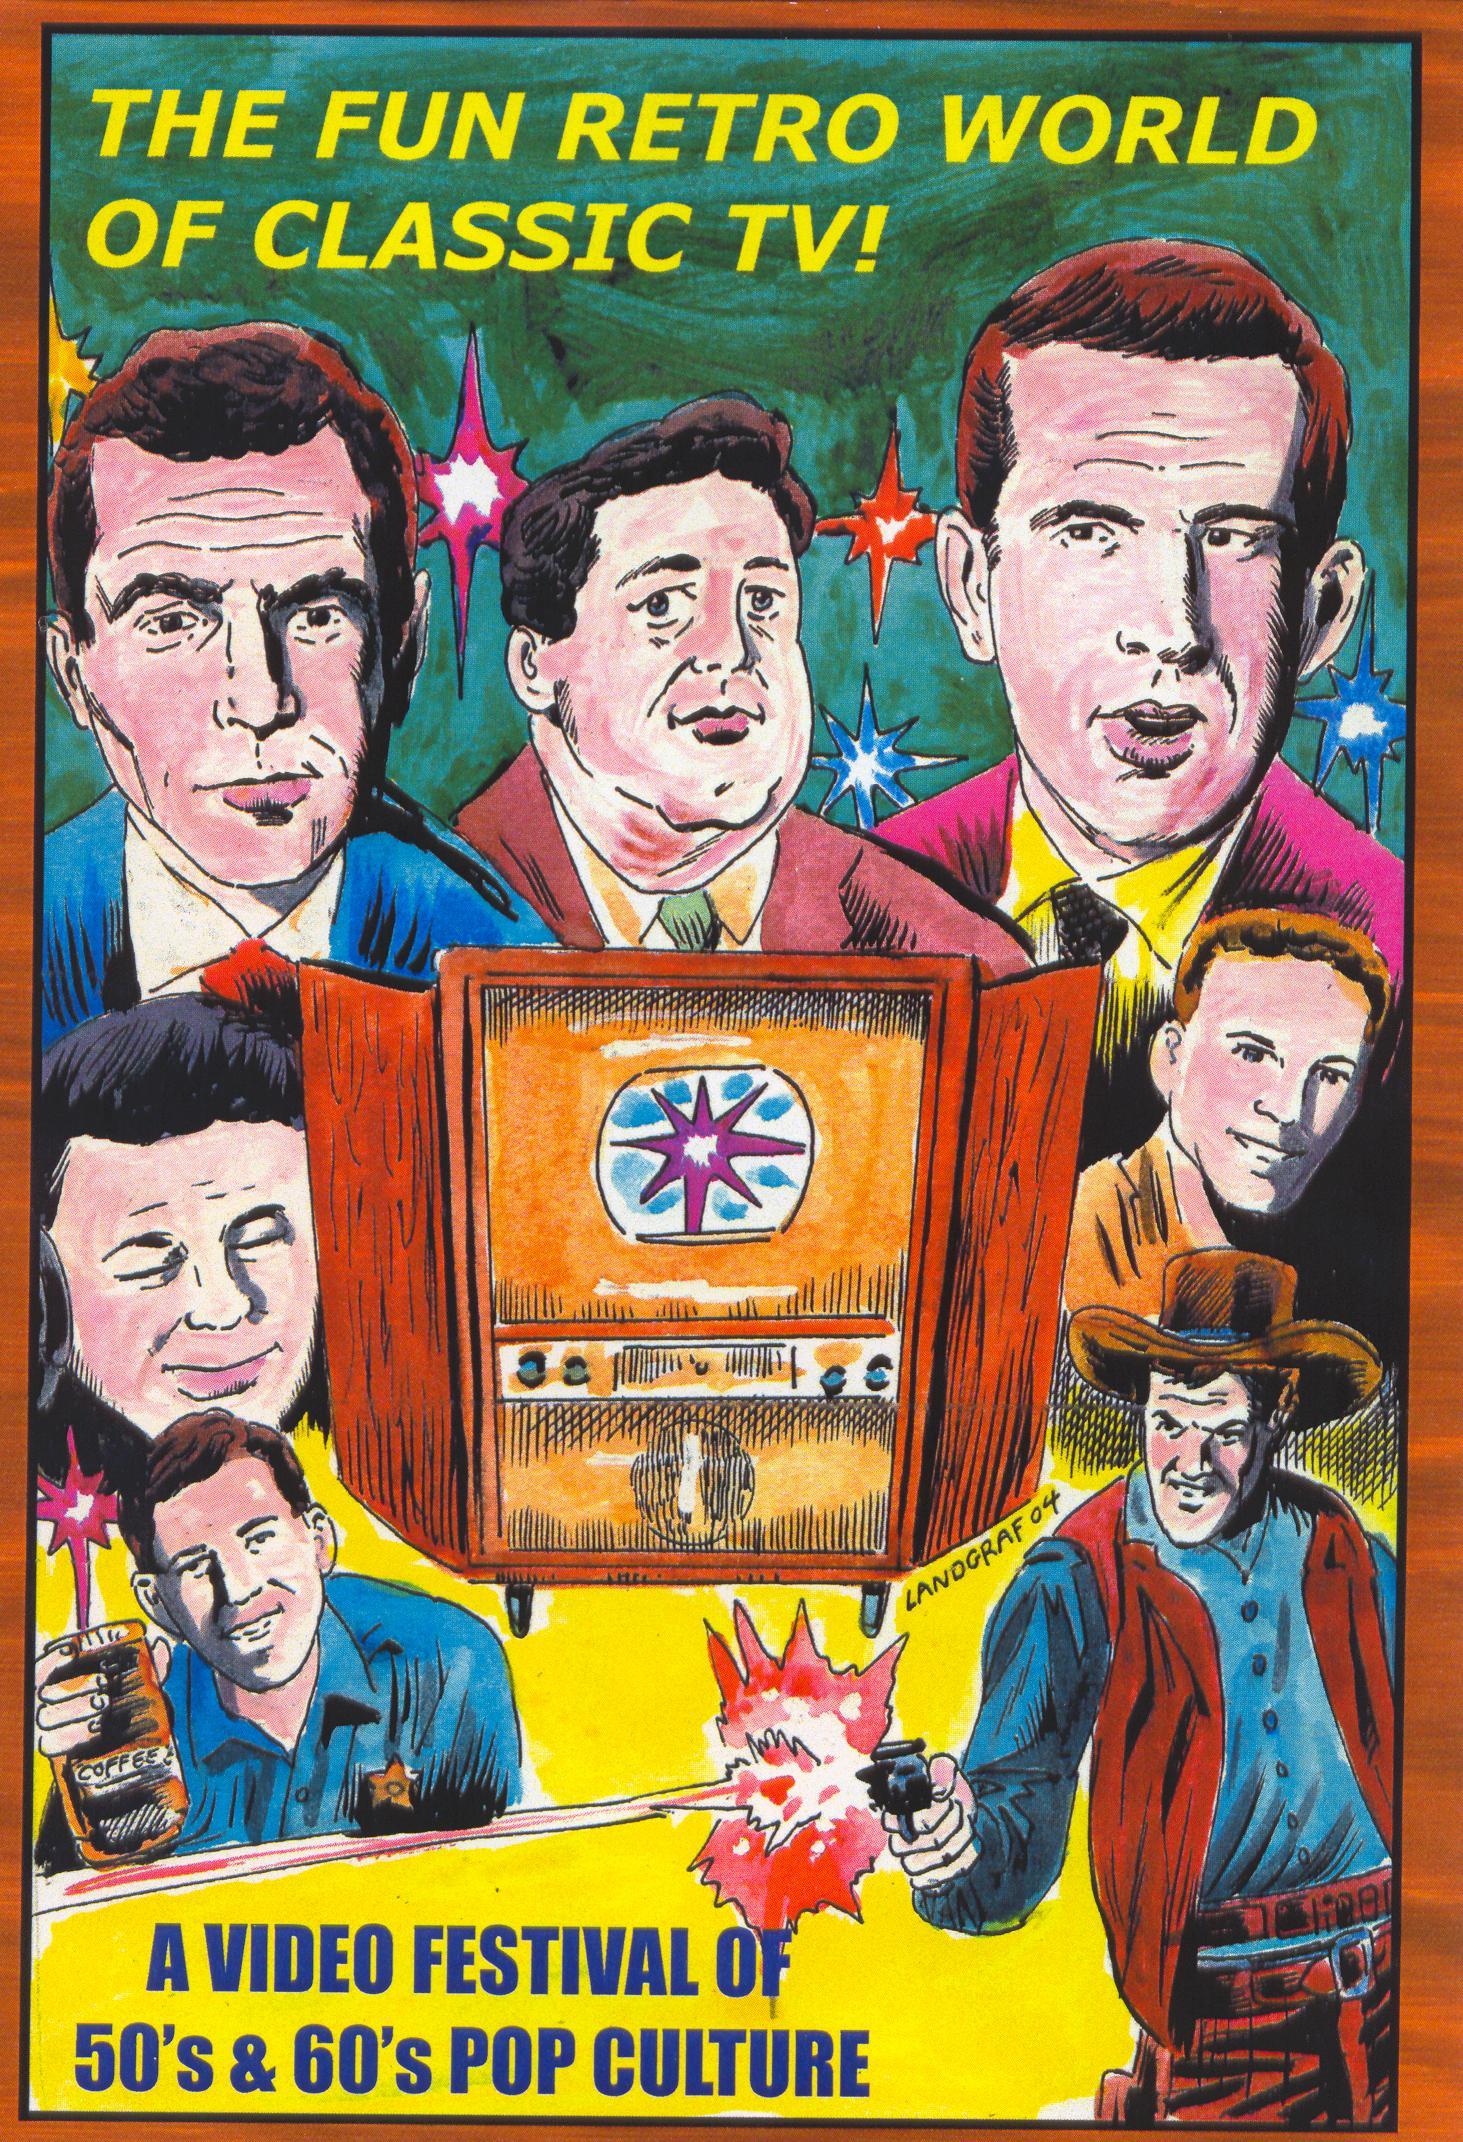 The Fun Retro World of Classic TV!